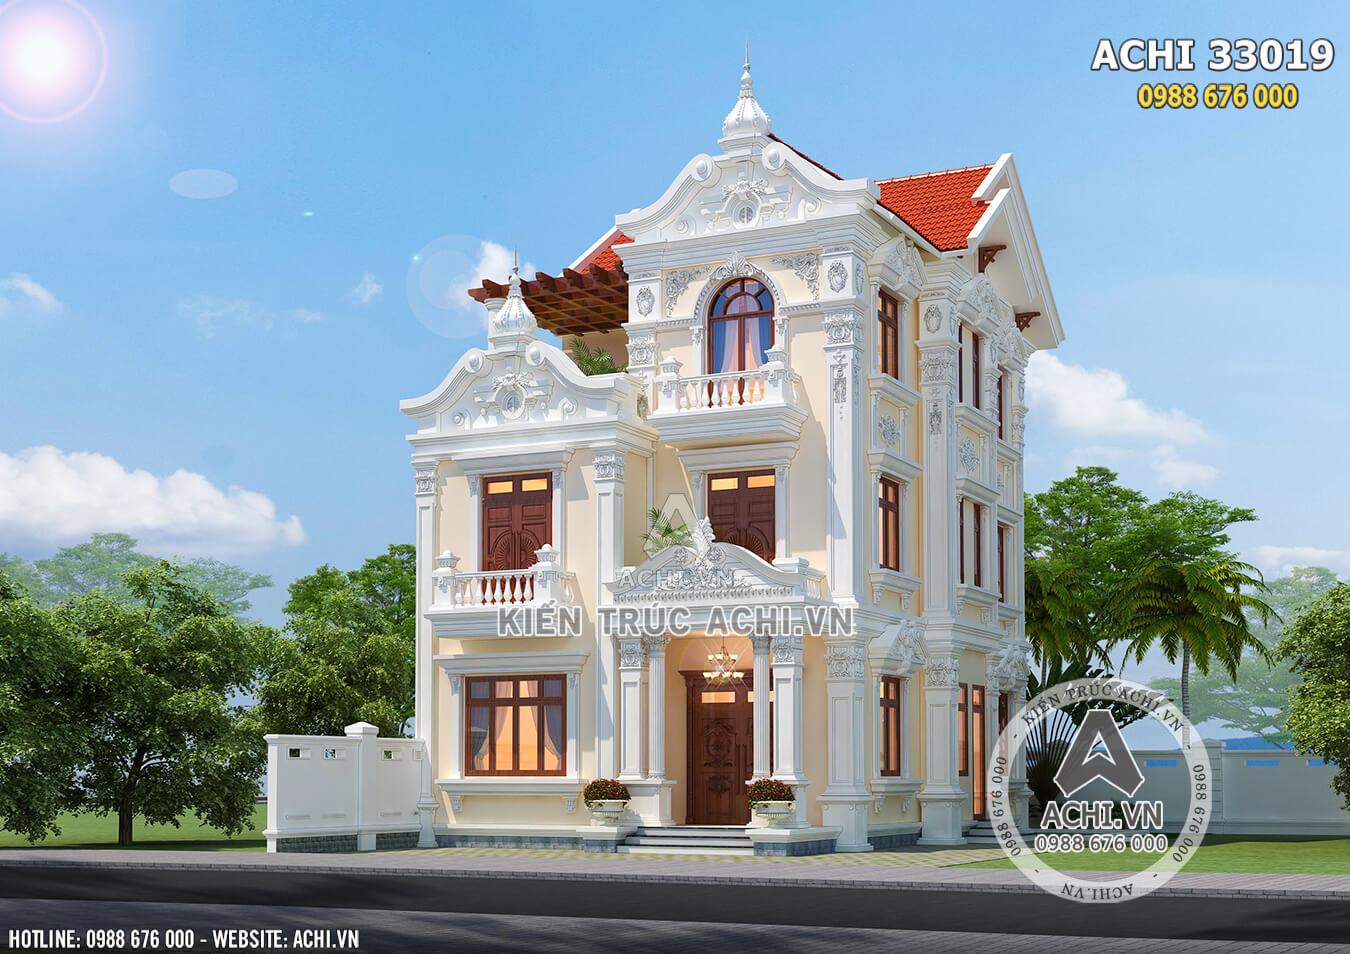 Mẫu biệt thự Pháp 3 tầng đẹp tại Hà Nội - ACHI 33019